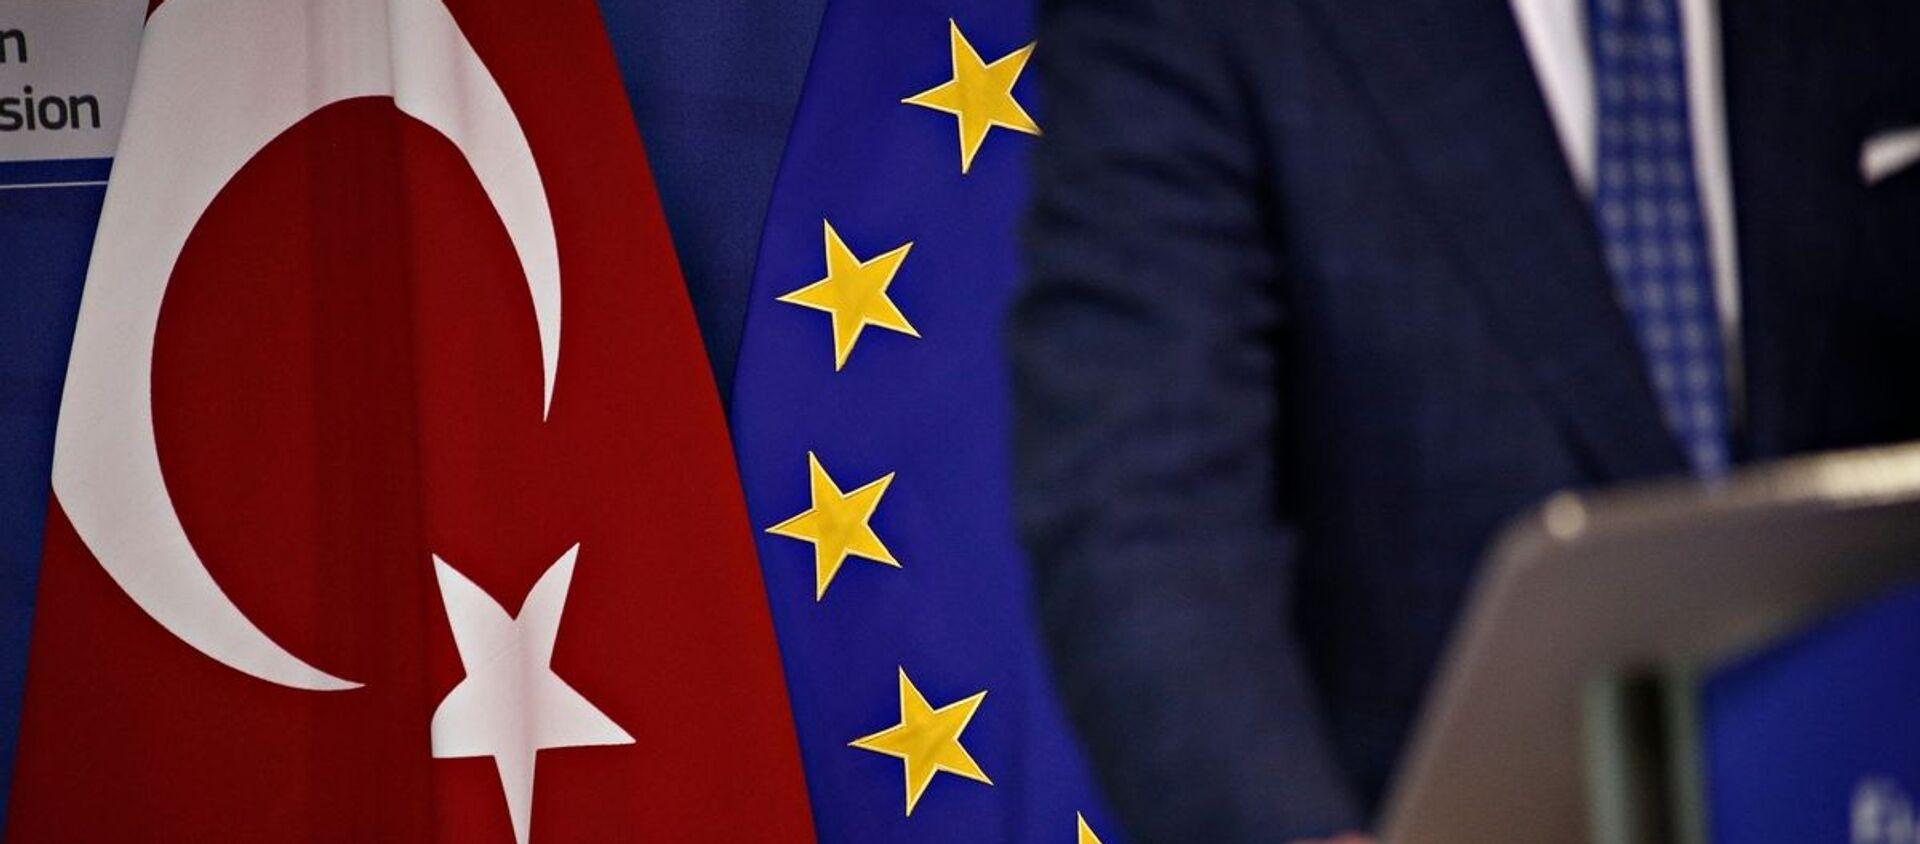 Σημαίες Τουρκίας και ΕΕ - Sputnik Ελλάδα, 1920, 21.03.2021